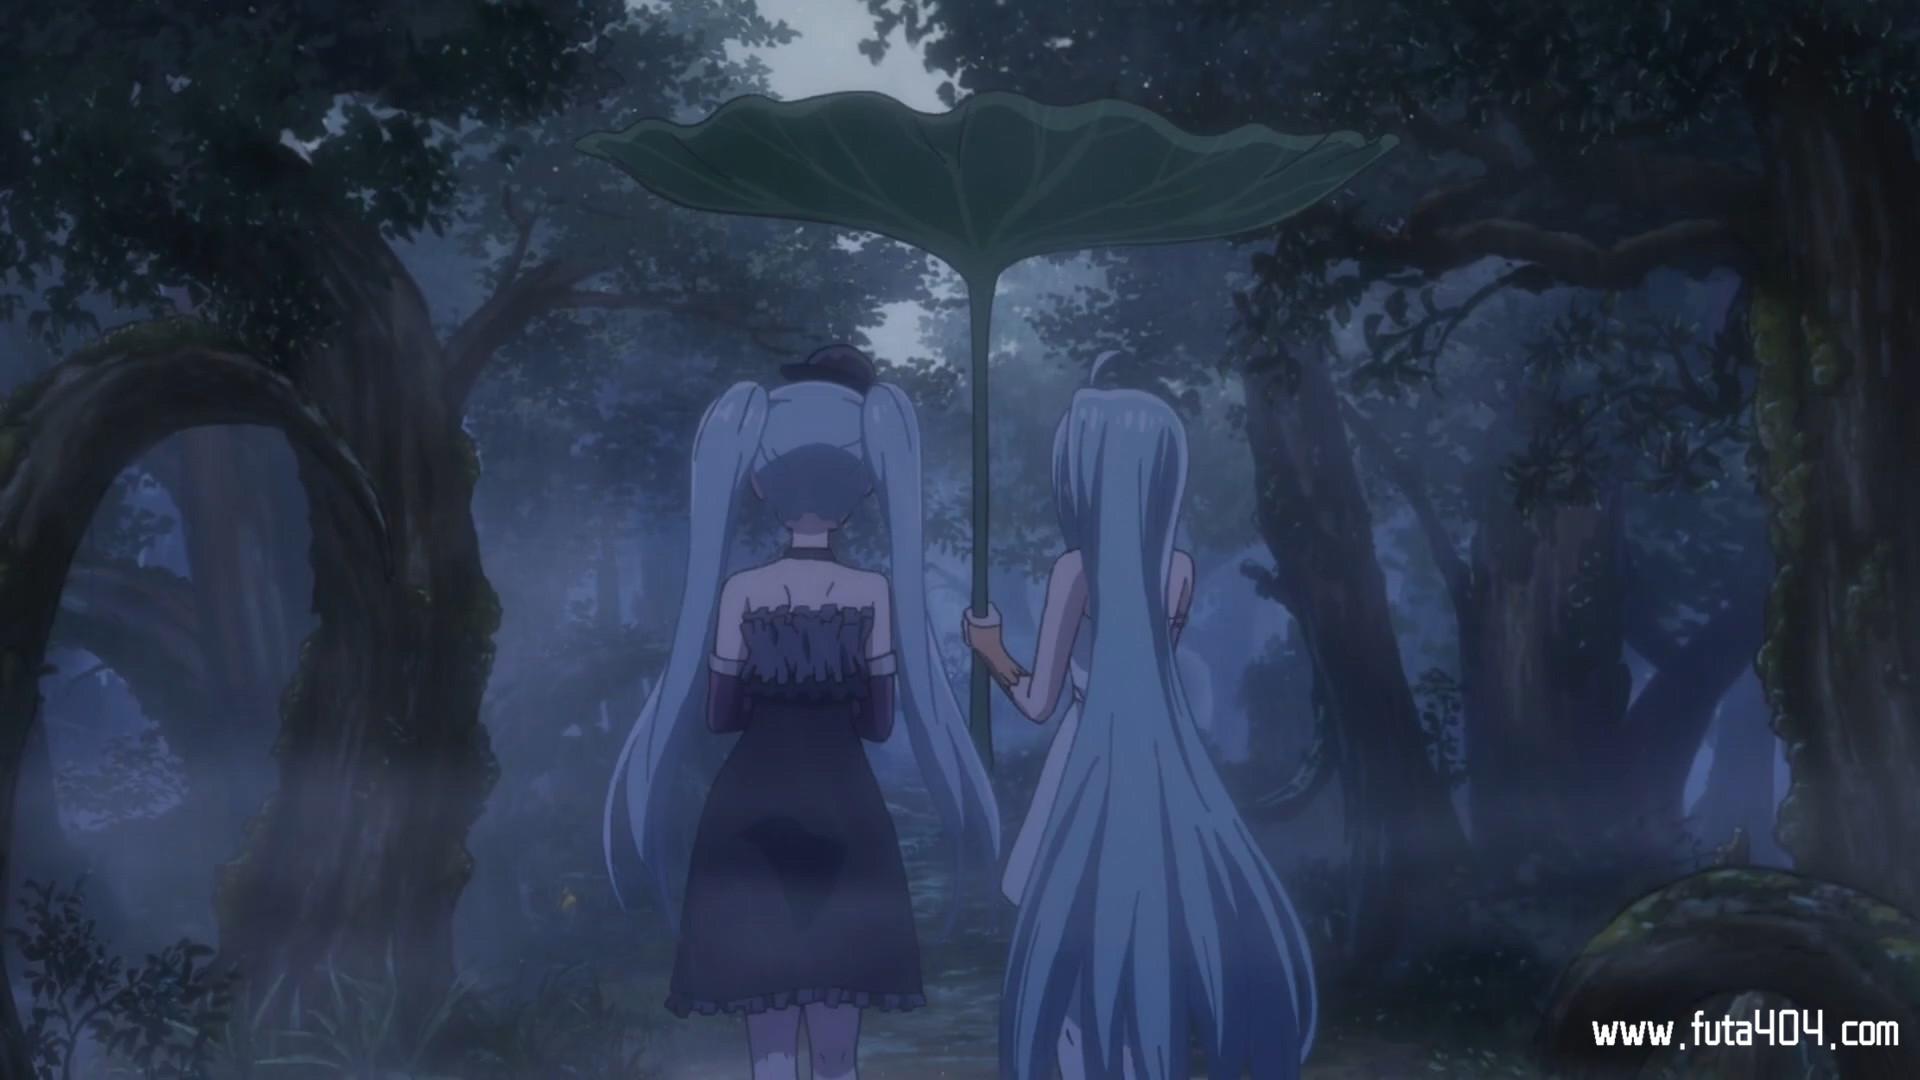 碧蓝幻想第2季 第7话 碧蓝幻想第2季 动画在线 第1张